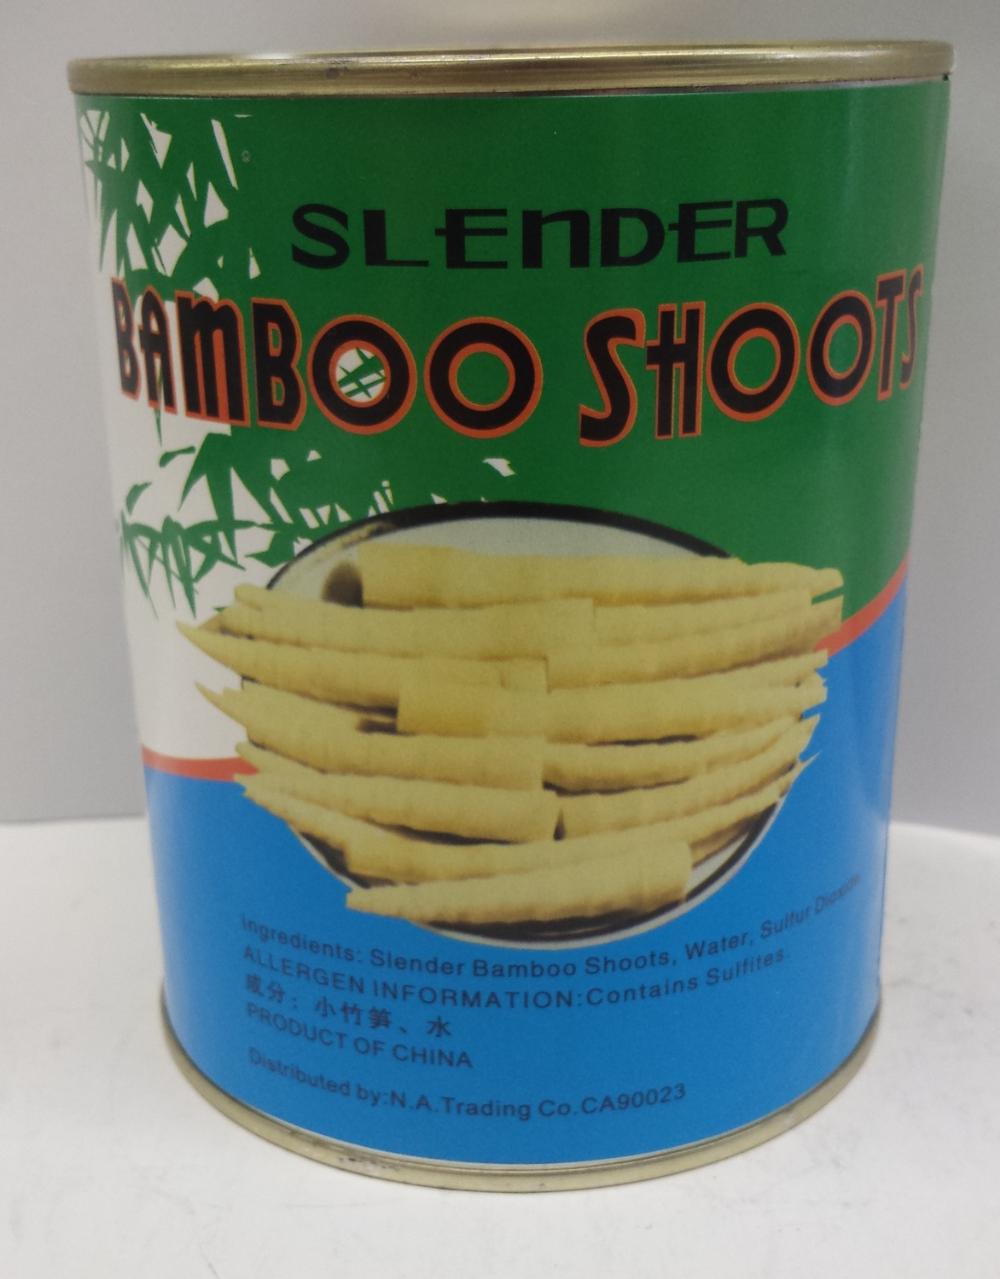 Bamboo Shoot, Slender    Deer    BBS1980 24x28 oz